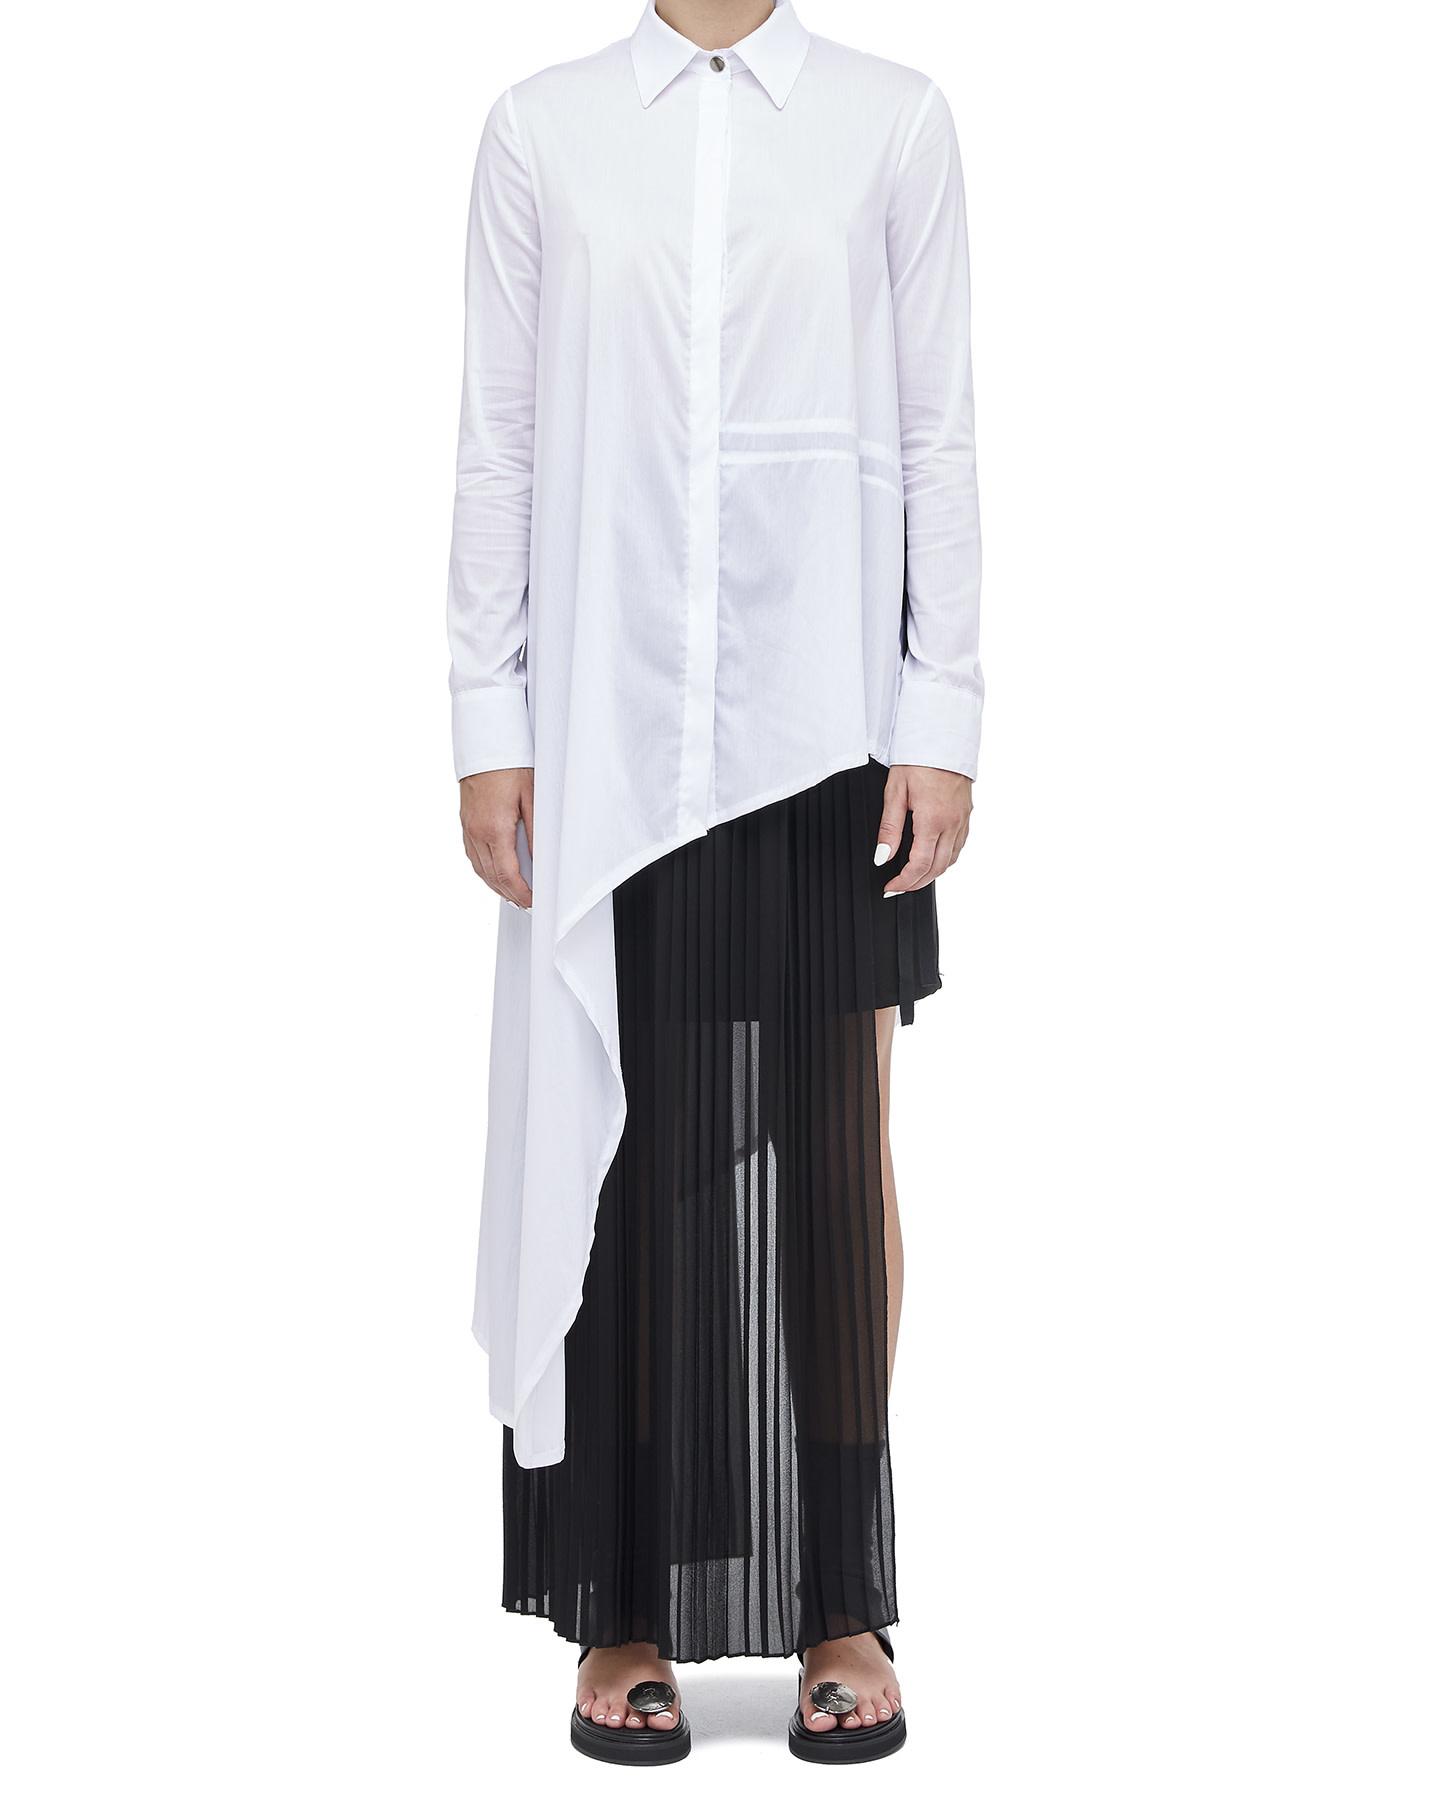 ASYMMETRIC SHIRT DRESS W/ TIE DETAIL - WHITE